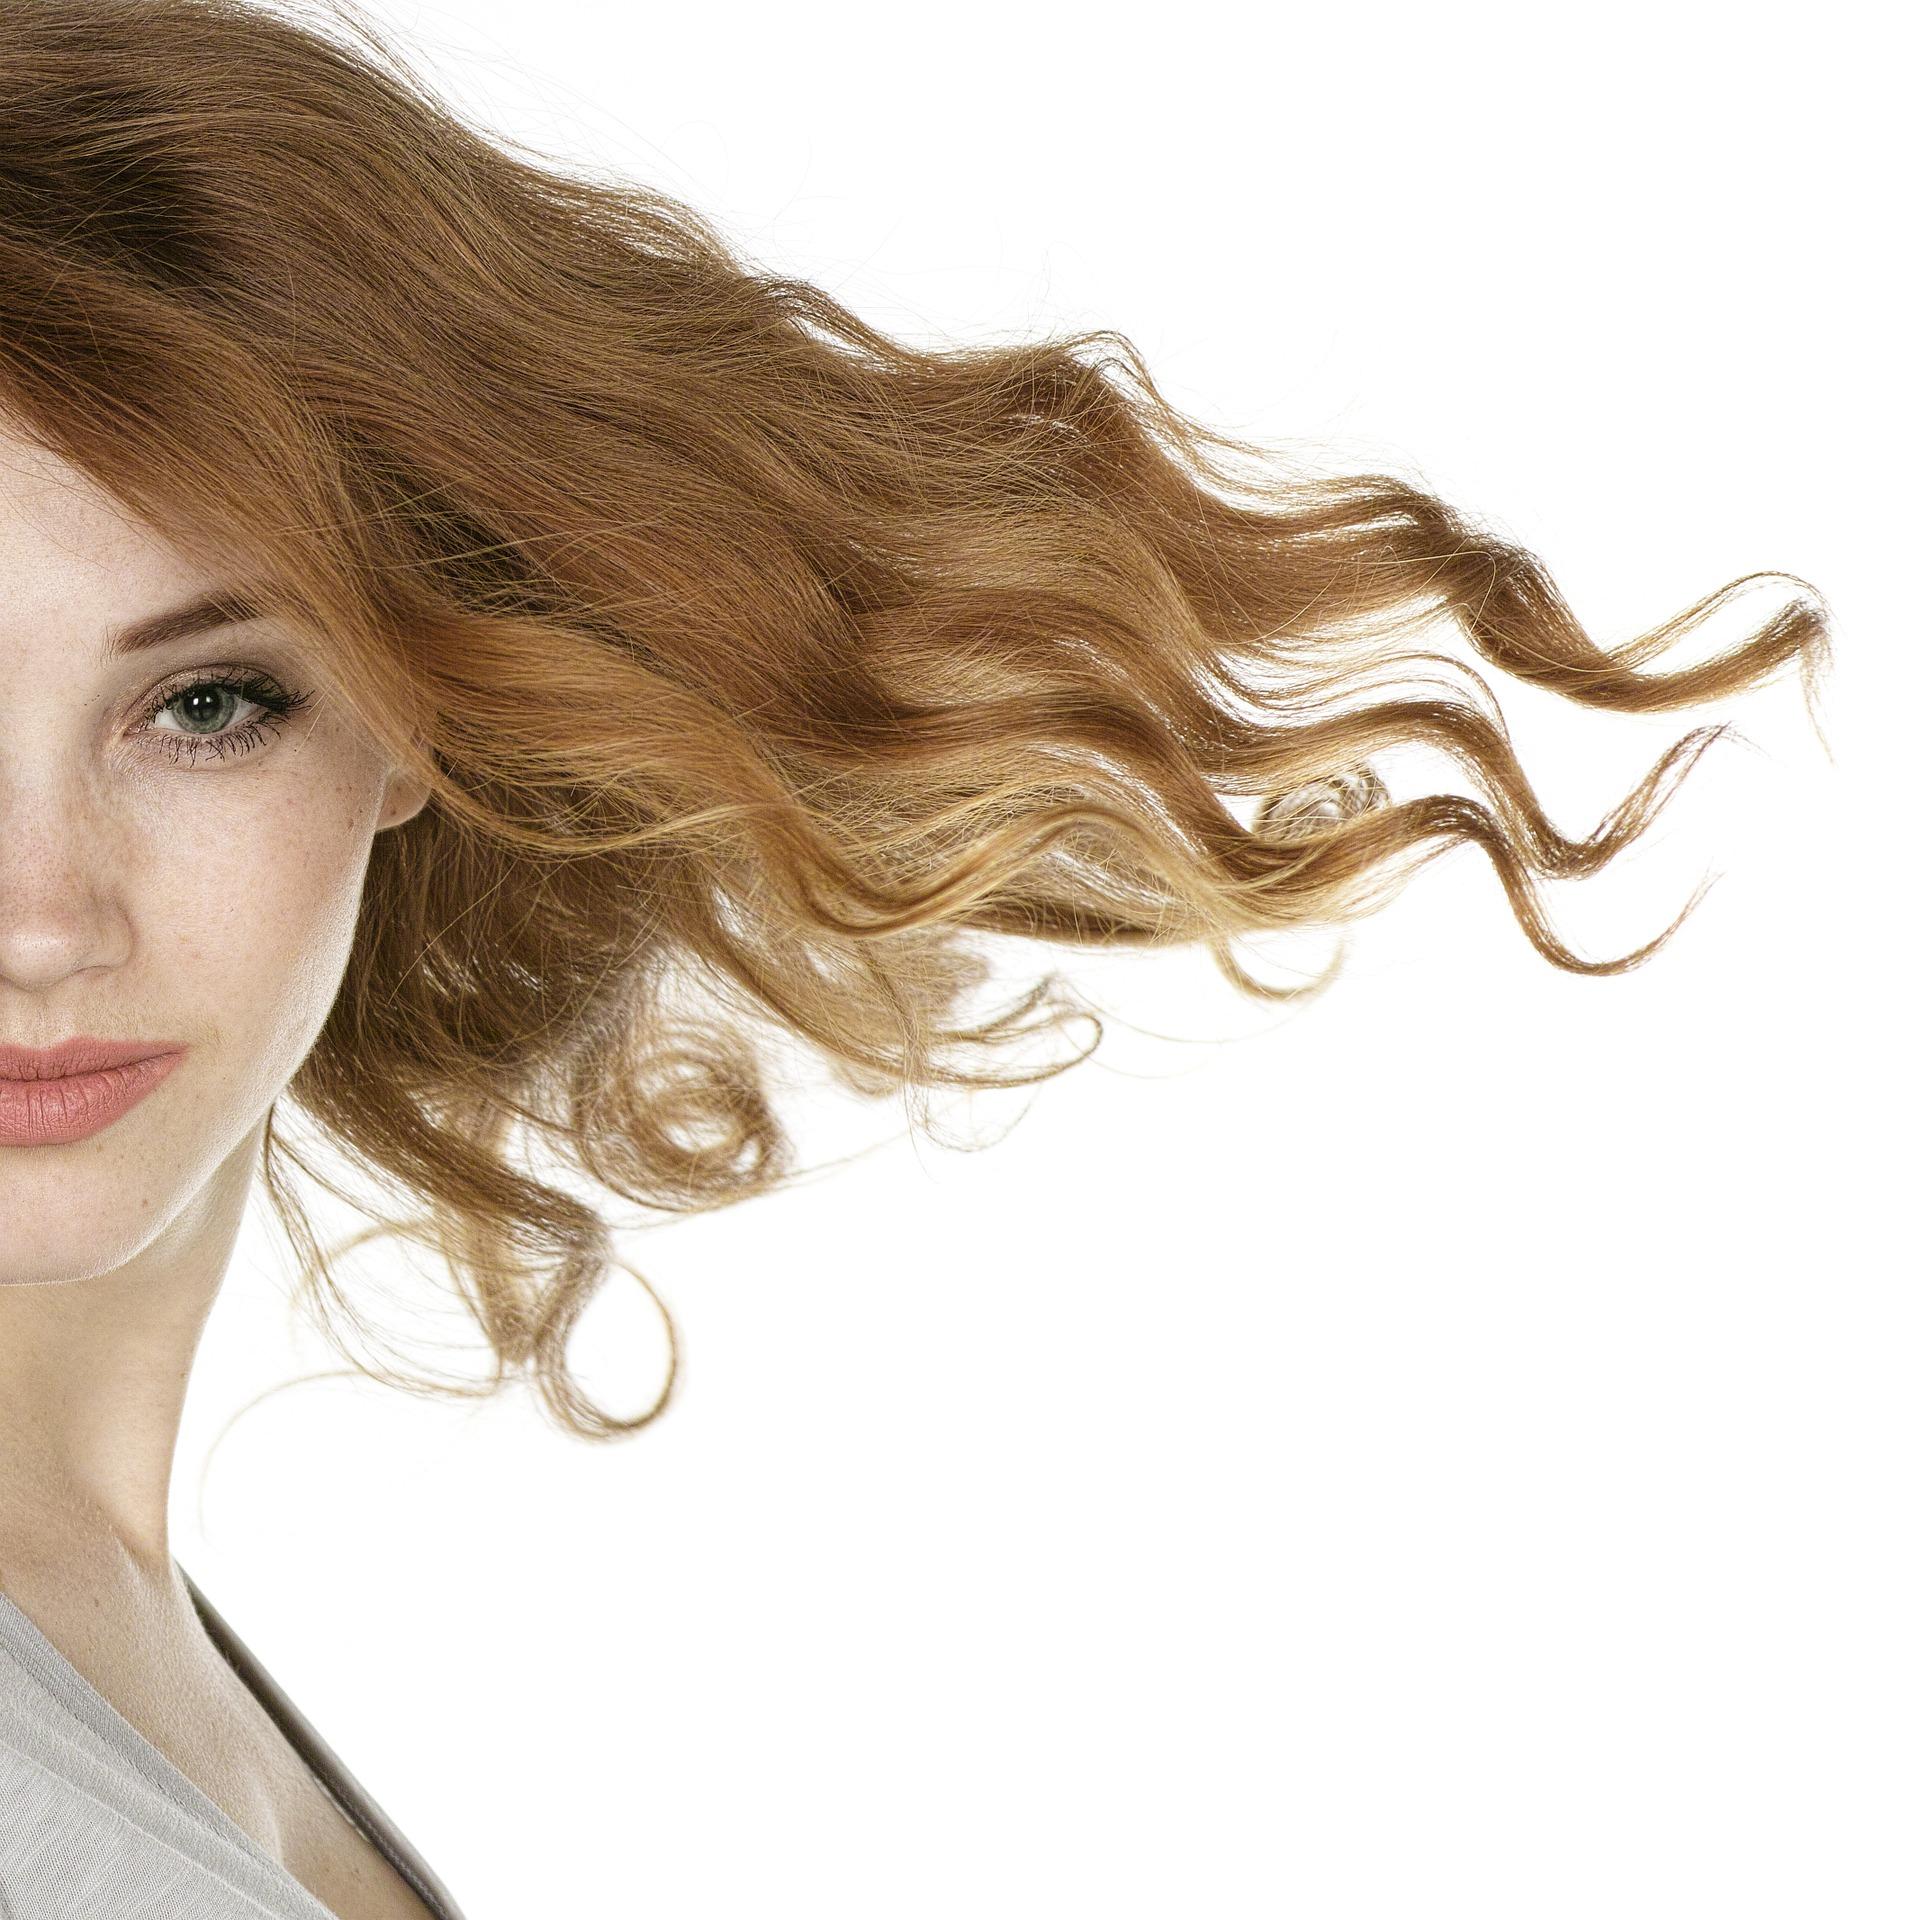 Восстановление волос в домашних условиях: какие маски помогут?